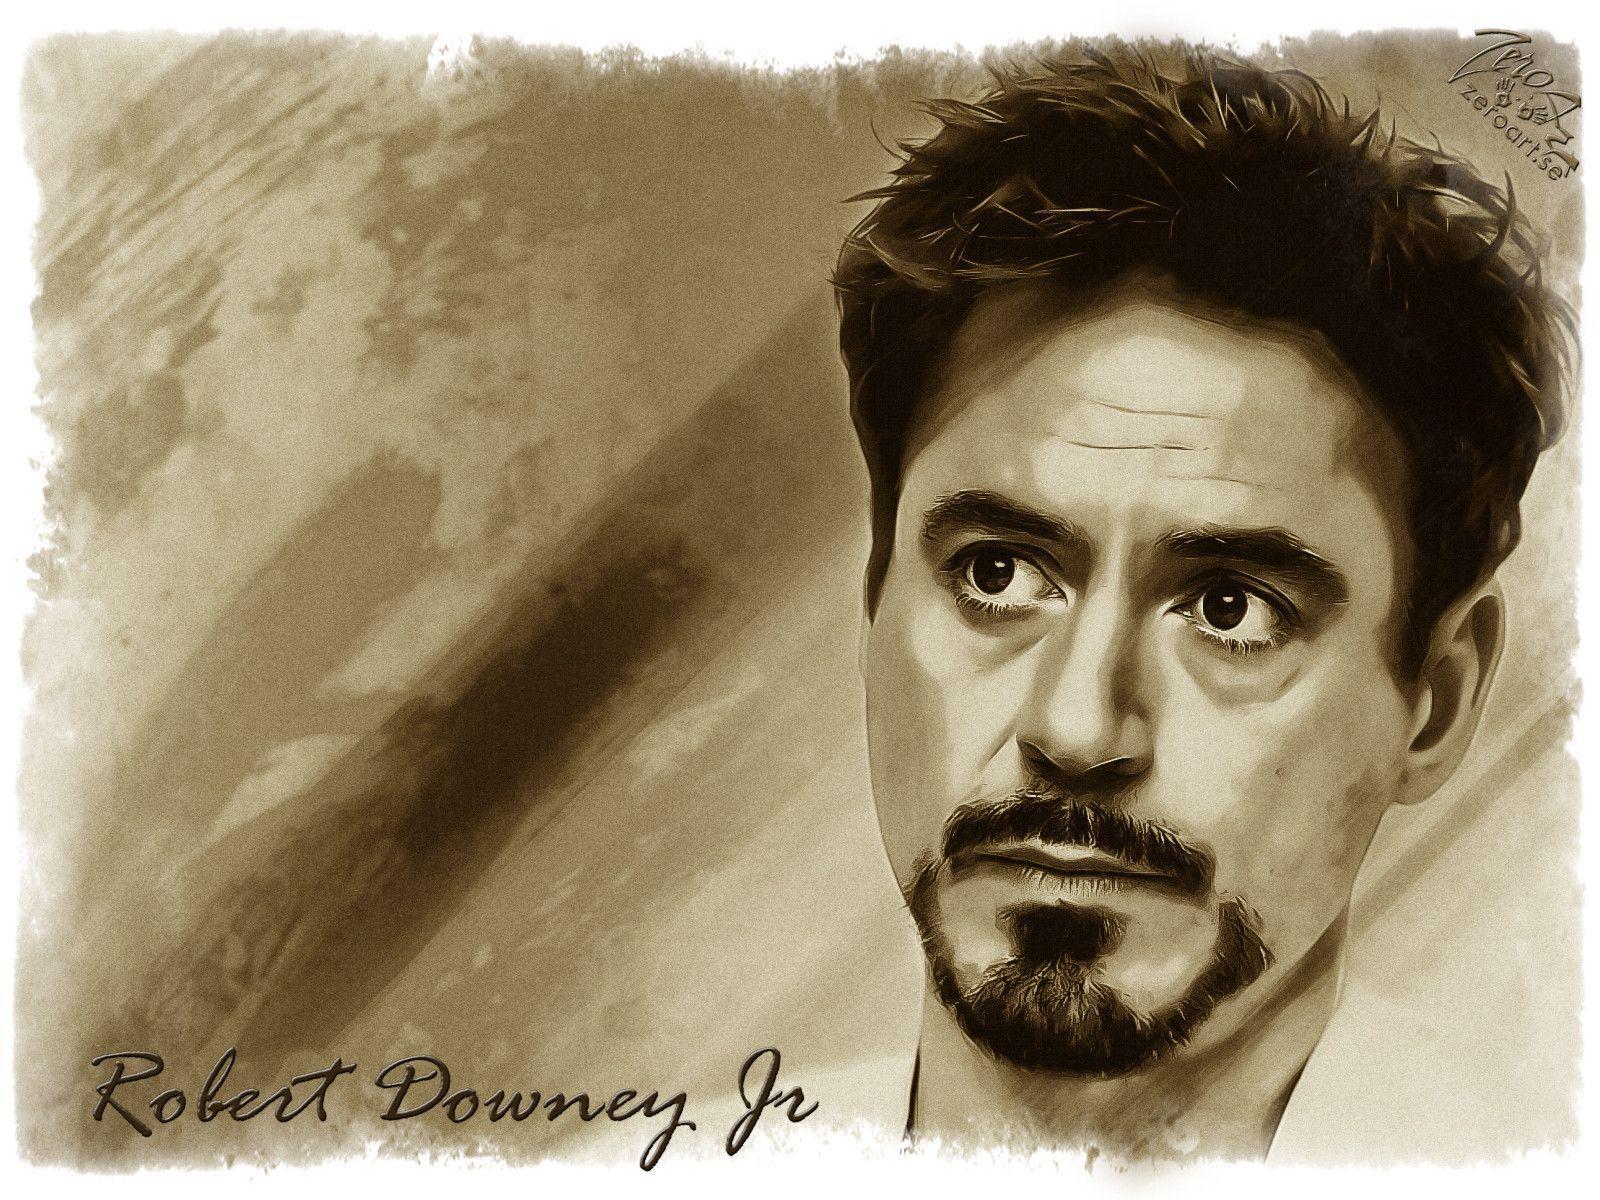 Robert Downey Jr For Desktop 14 HD Wallpapers | www ...